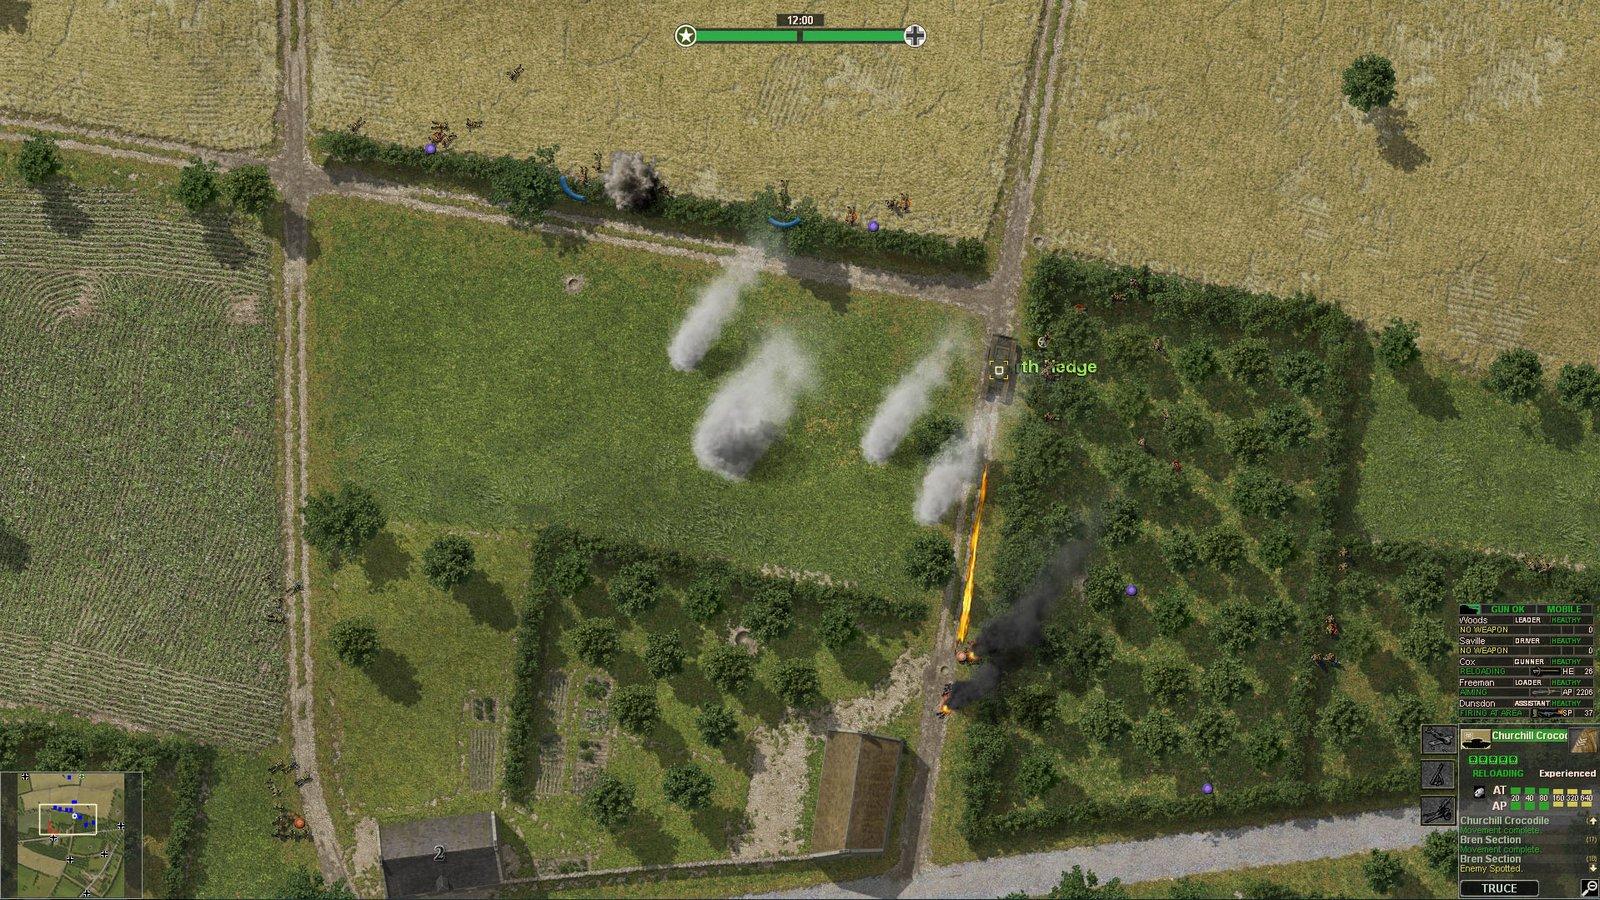 Un tank Churchill Crocodile soutenant une attaque d'infanterie à travers des fumigènes